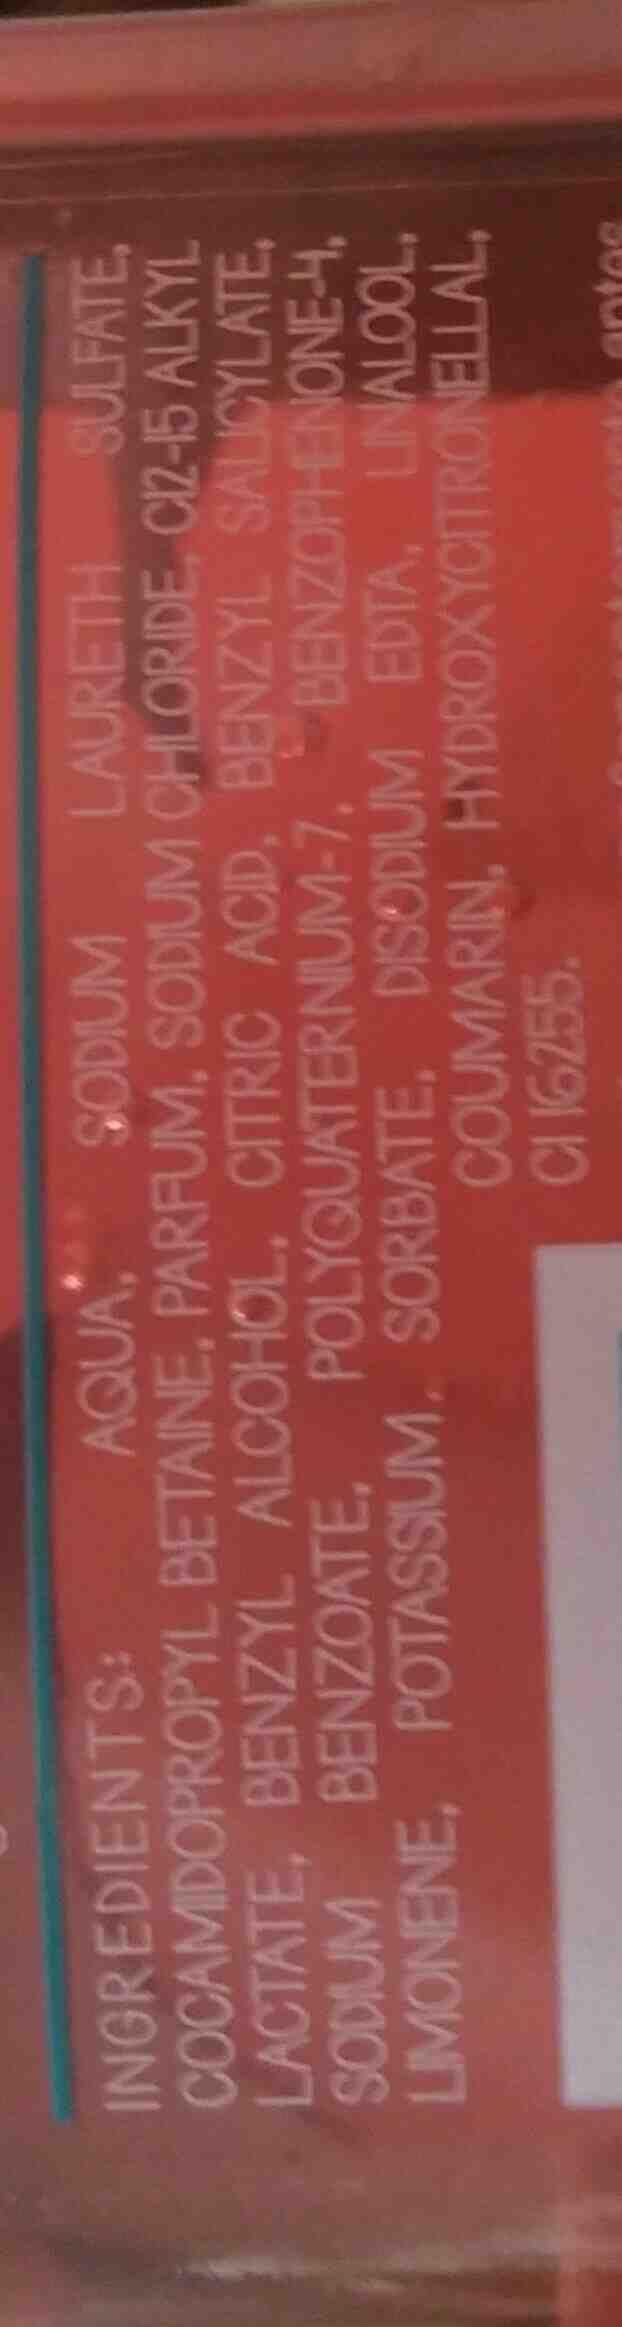 Champú exotic - Ingredients - en